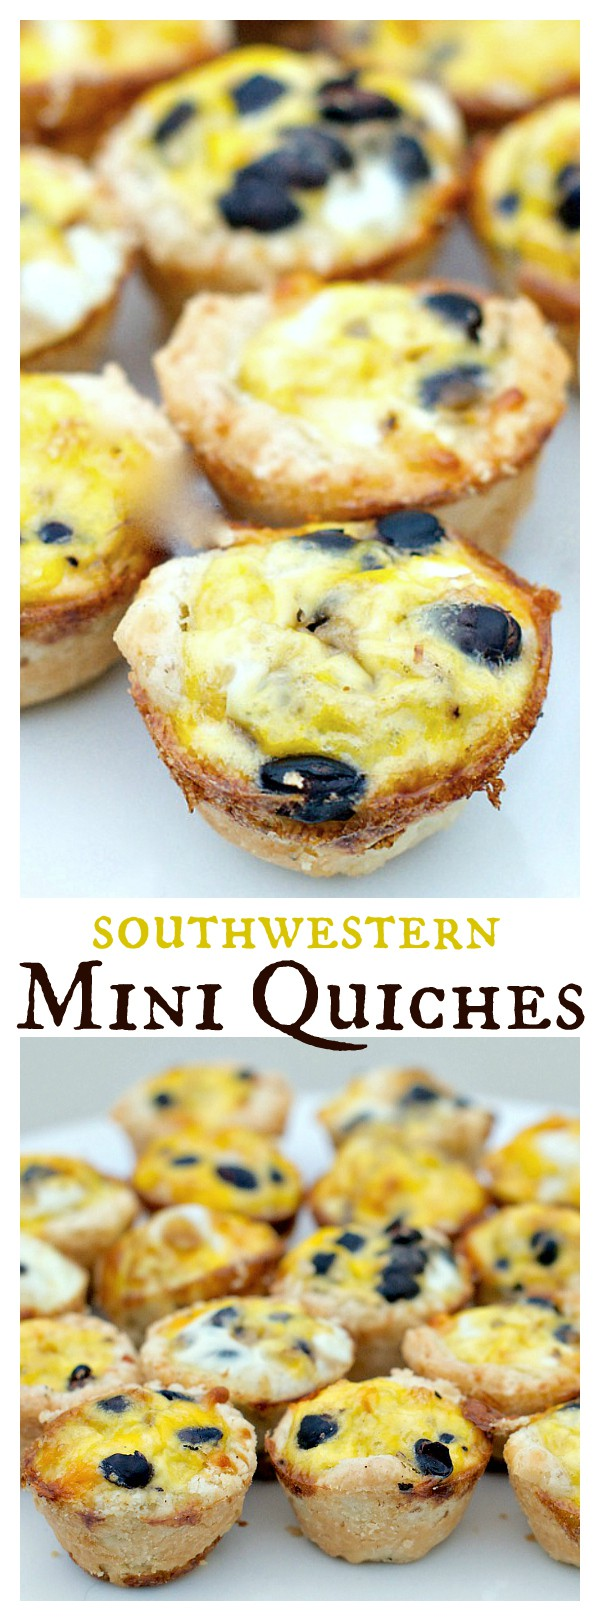 Southwestern Mini Quiches